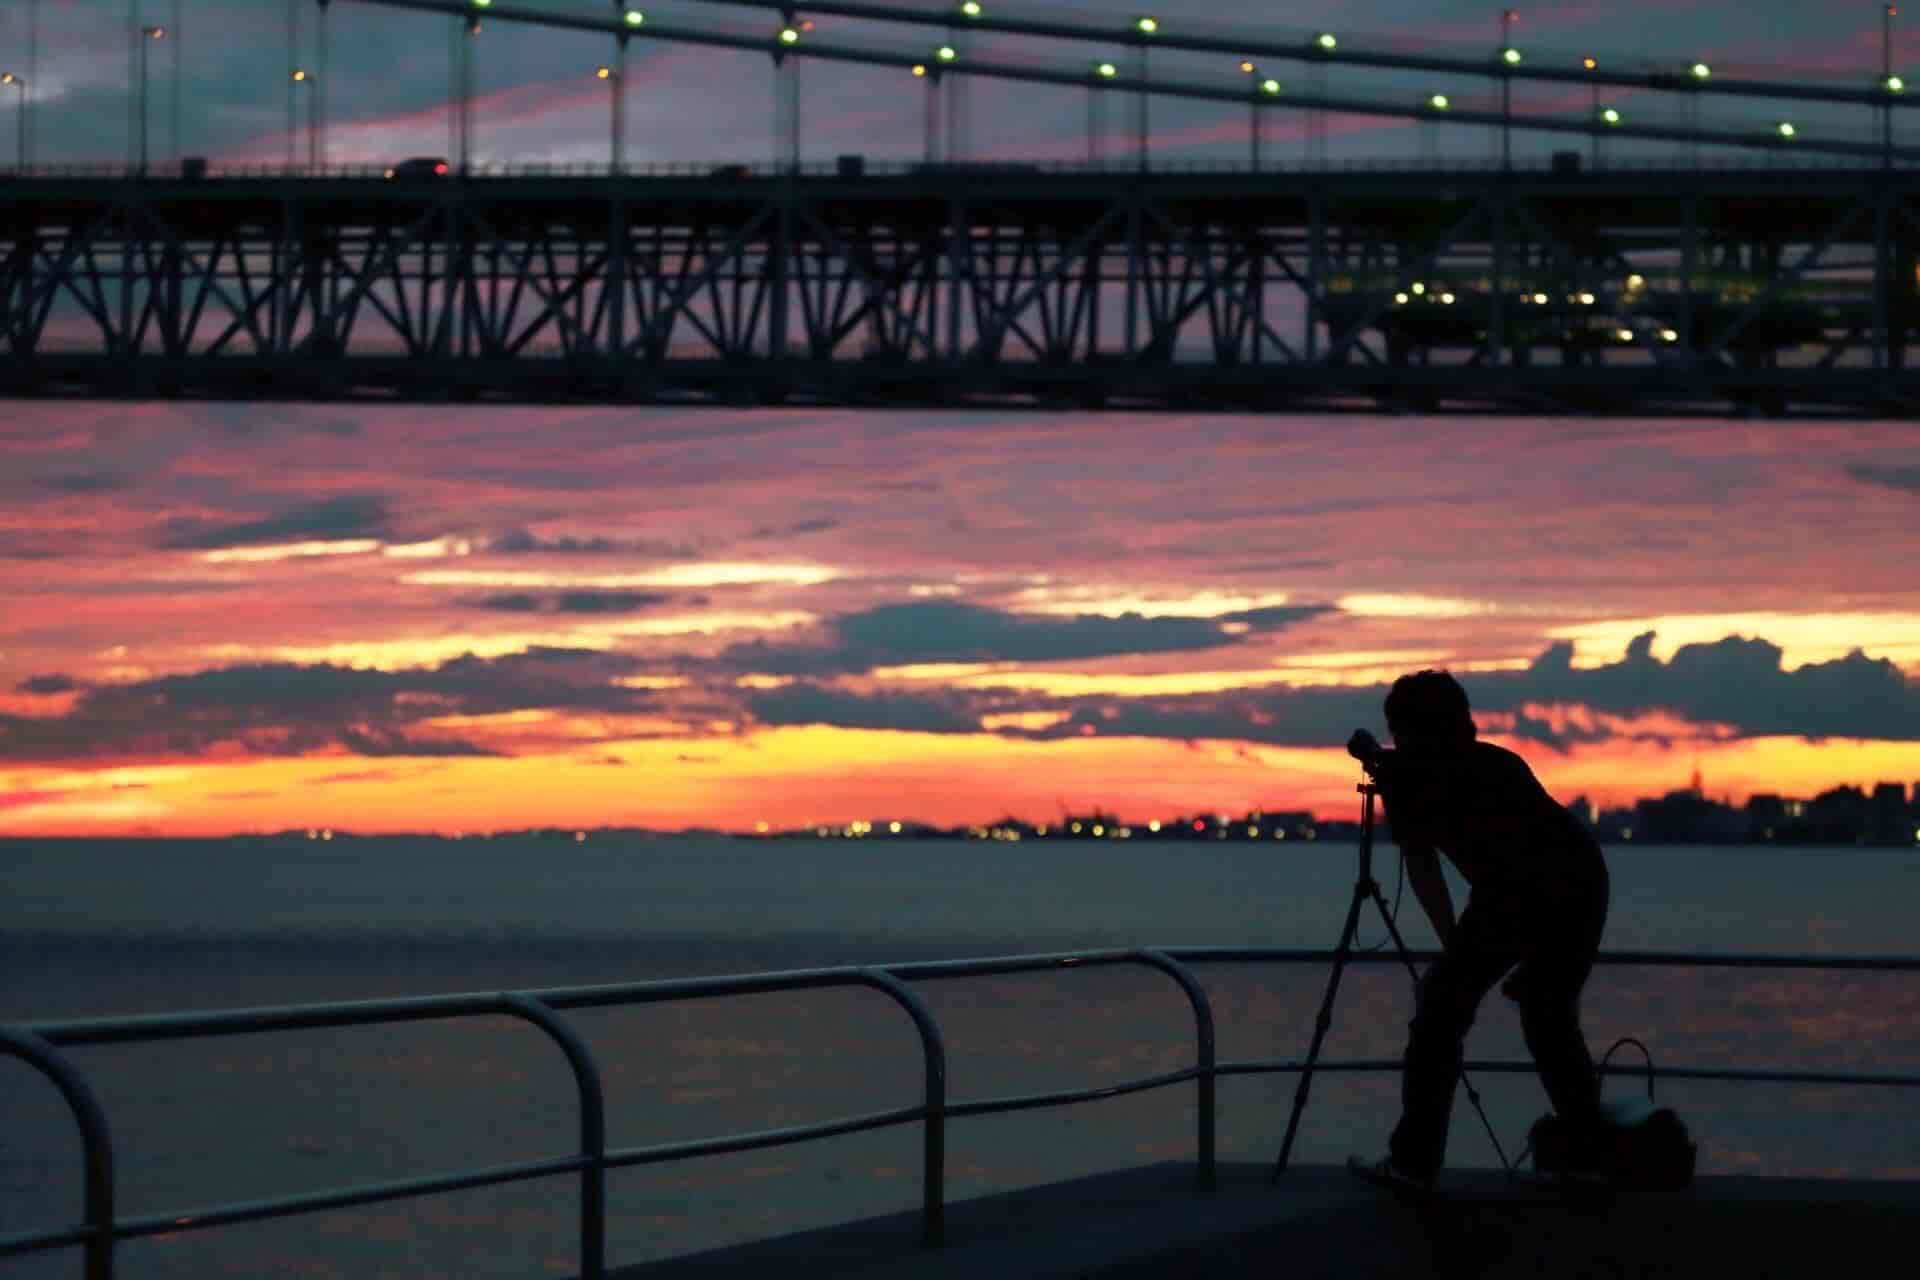 ラブ探偵事務所と他社の千葉県長柄町での夜間暗視撮影